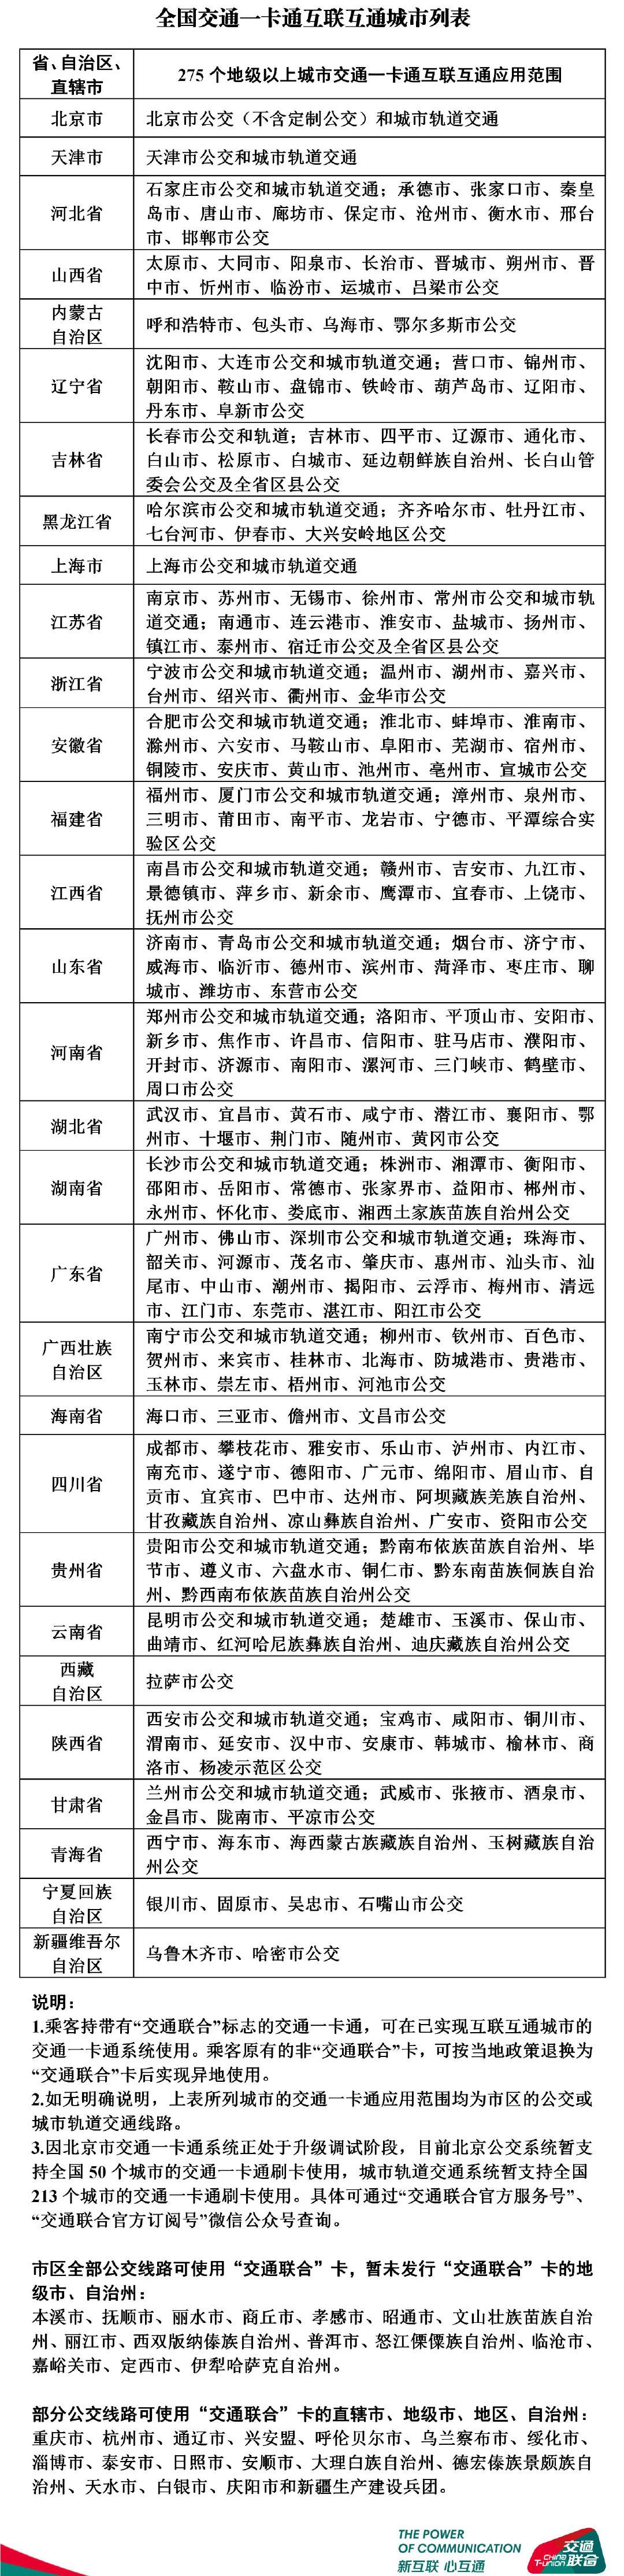 岭南通 · 羊城通交通卡上线,刷 Apple Pay 有优惠